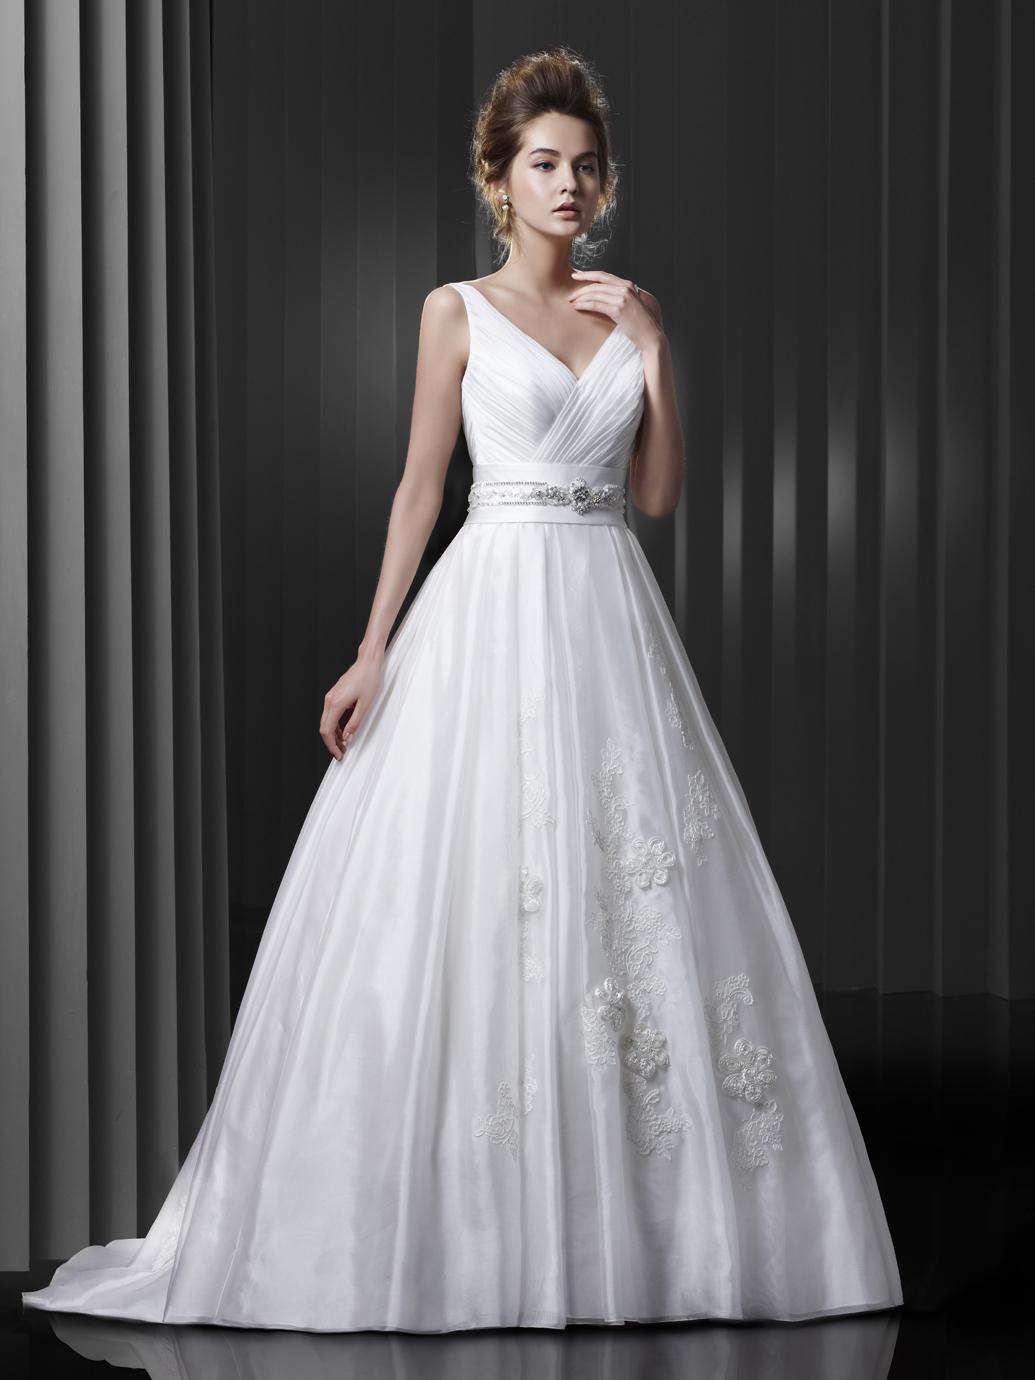 Brautkleid Enzoani mit Träger in der A-Linie